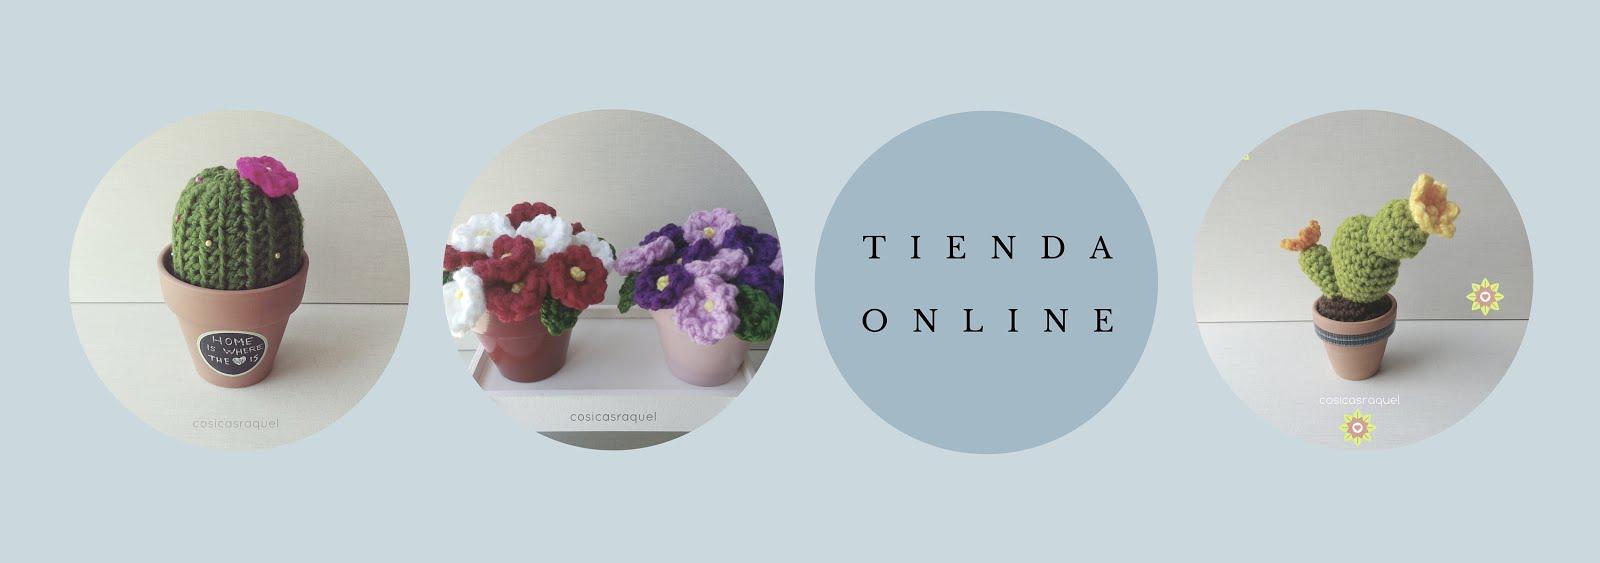 Visita mi tienda online